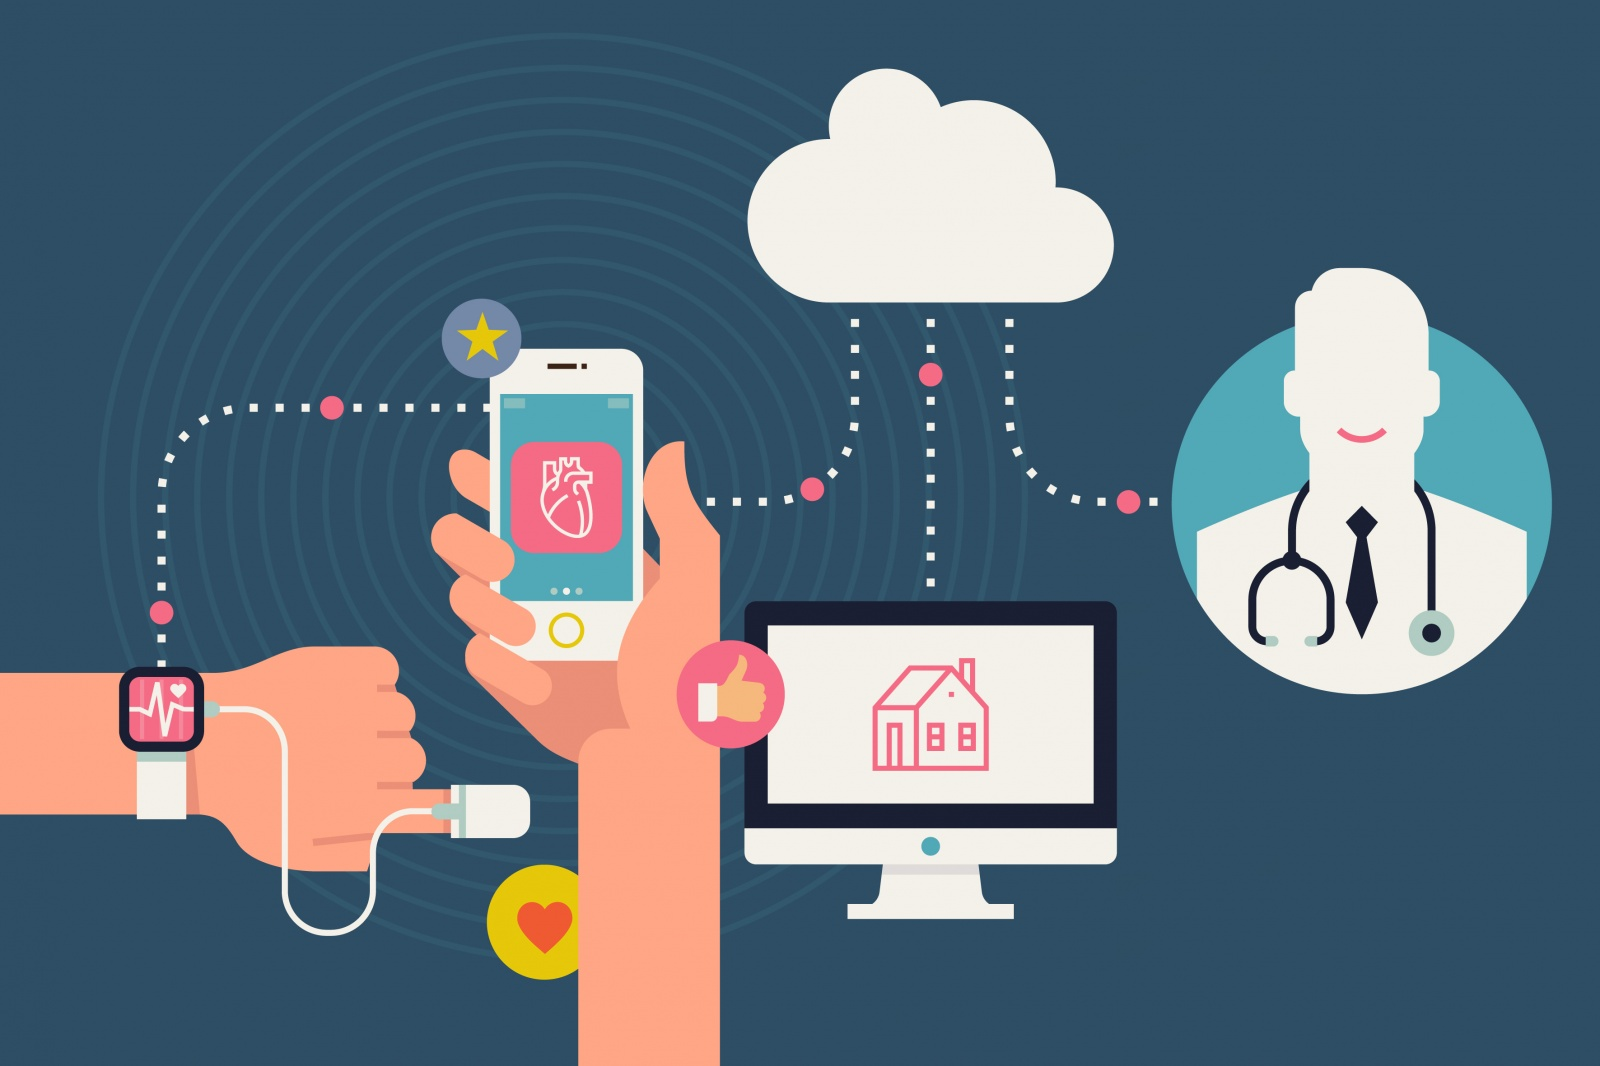 IBM Watson Health покупает Truven Health Analytics за $2,6 млрд, став одним из основным игроков в здравоохранении - 3